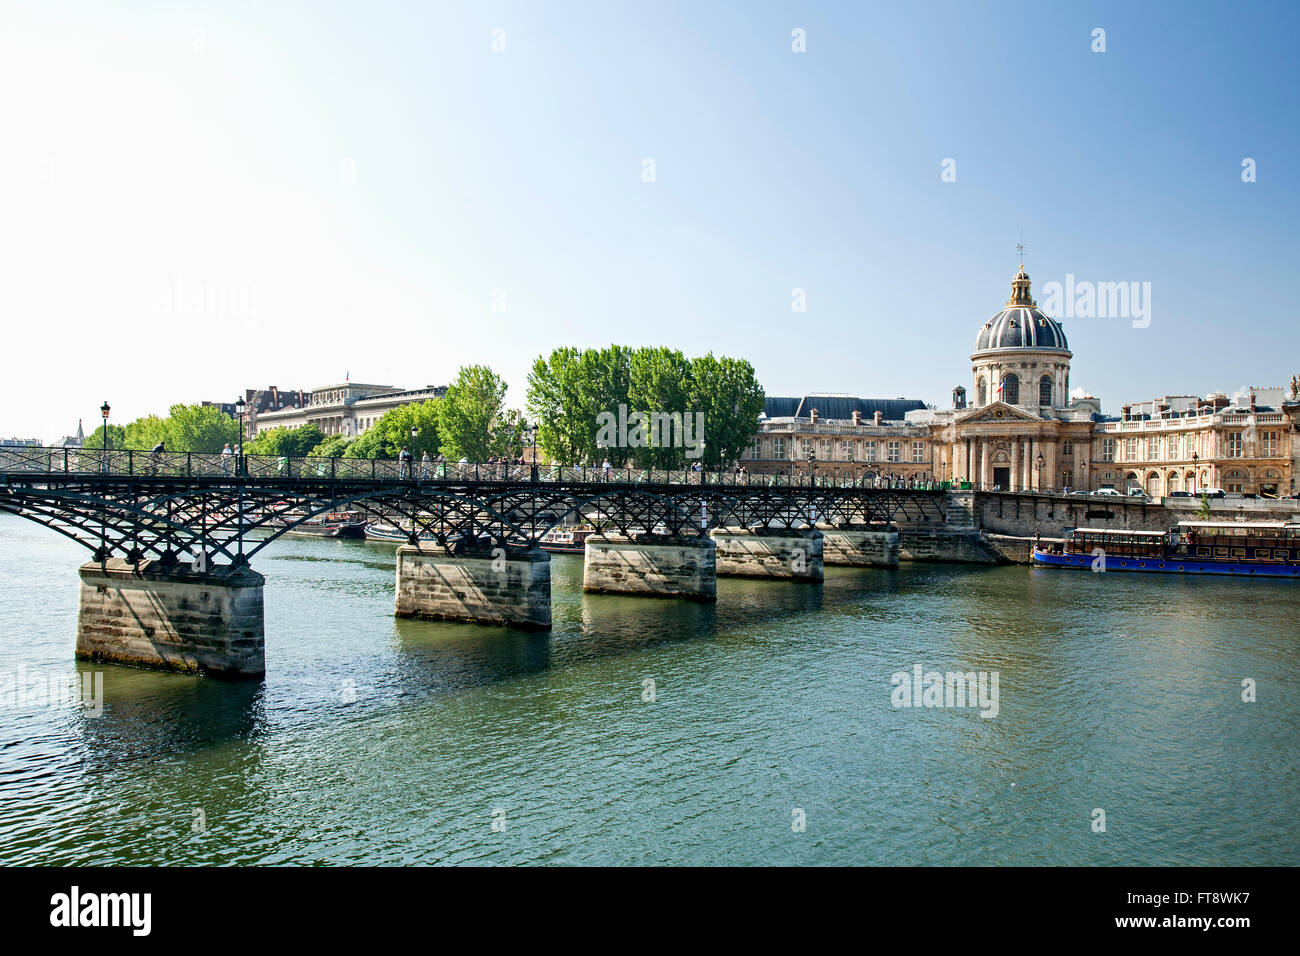 River Seine and Pont des Arts (Bridge of the Arts) leading to Institut de France,  Paris, France - Stock Image